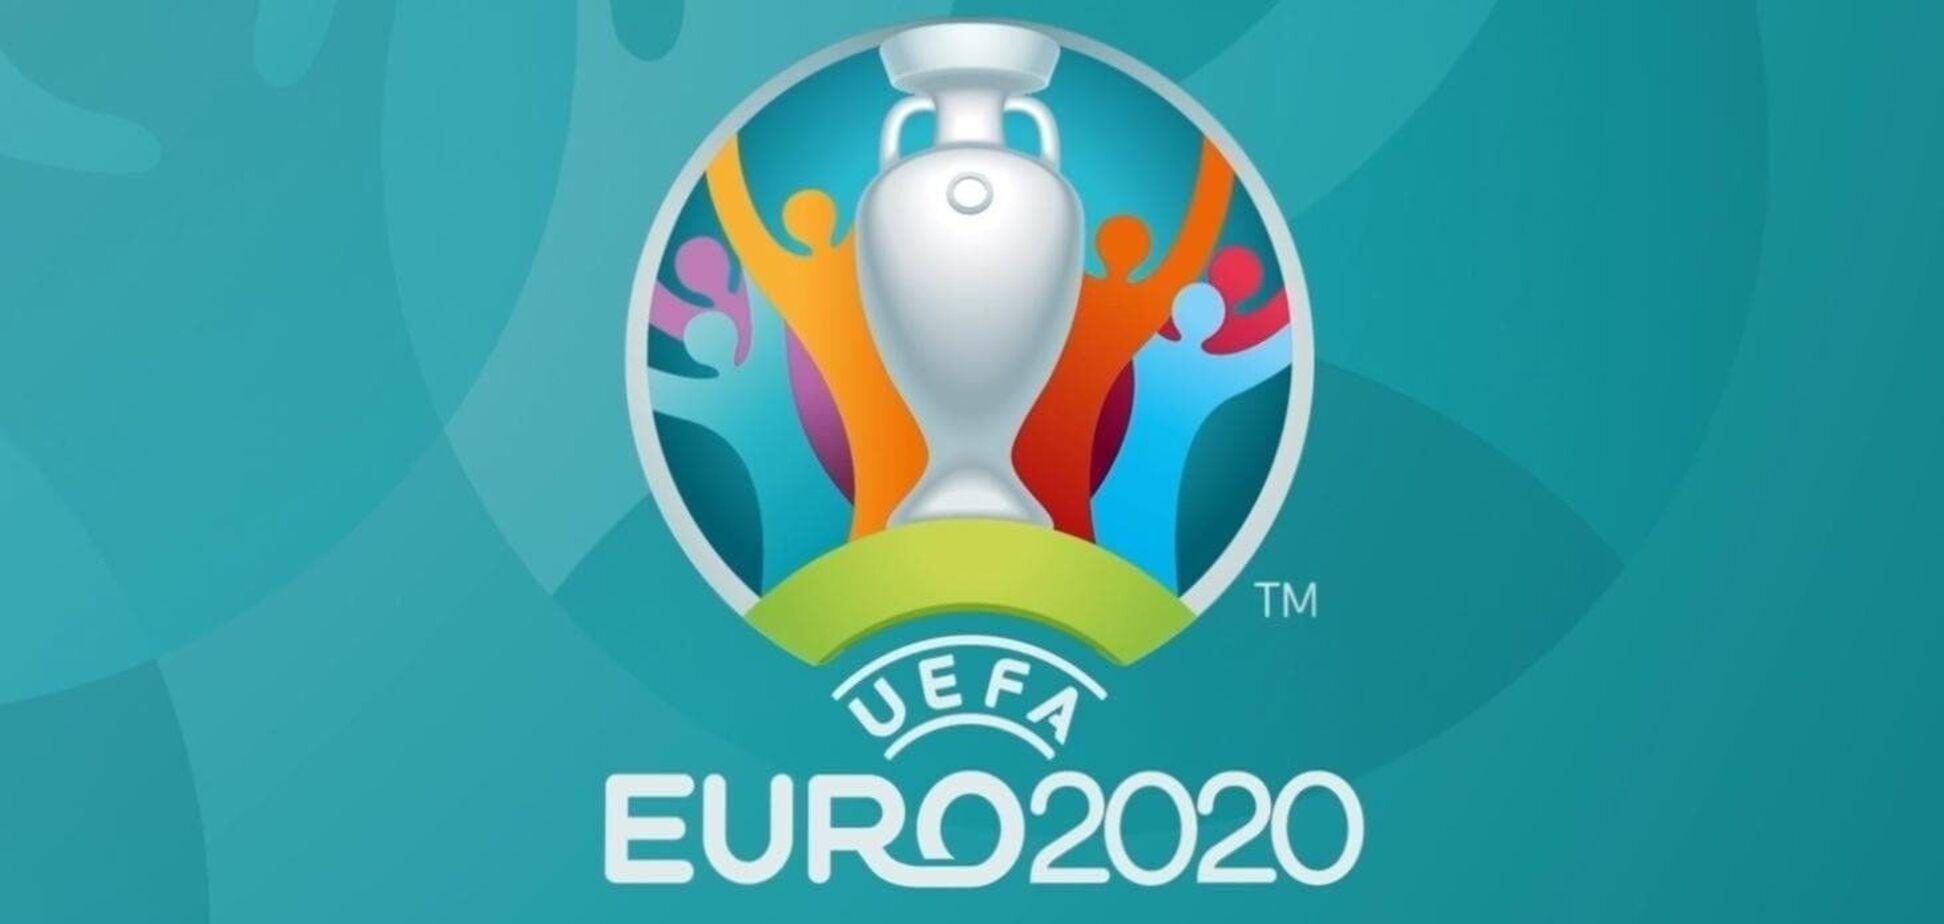 Логотип Євро-2020